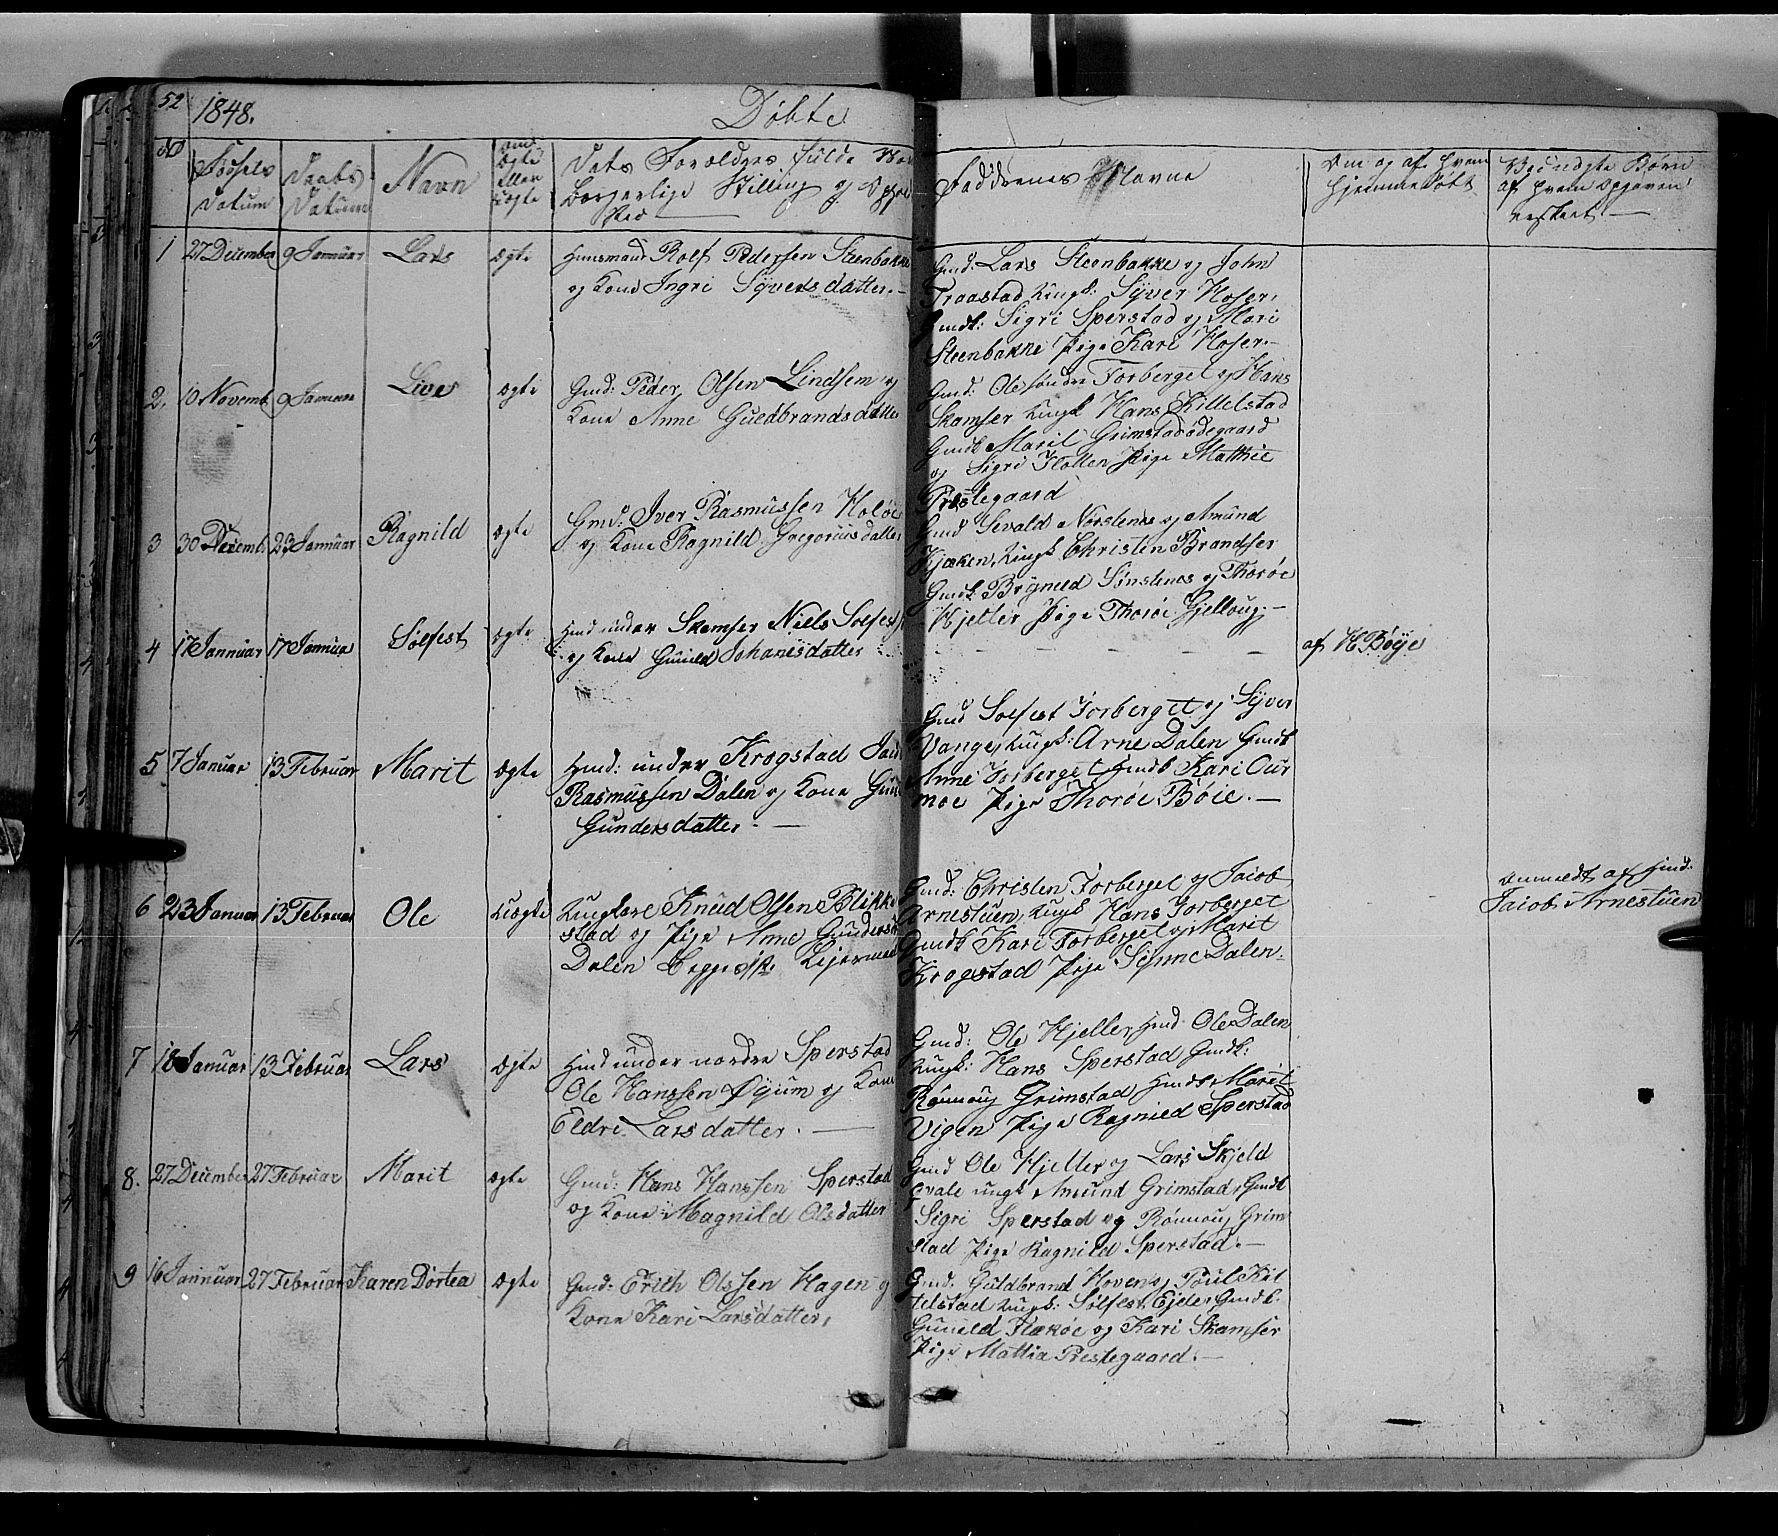 SAH, Lom prestekontor, L/L0004: Klokkerbok nr. 4, 1845-1864, s. 52-53